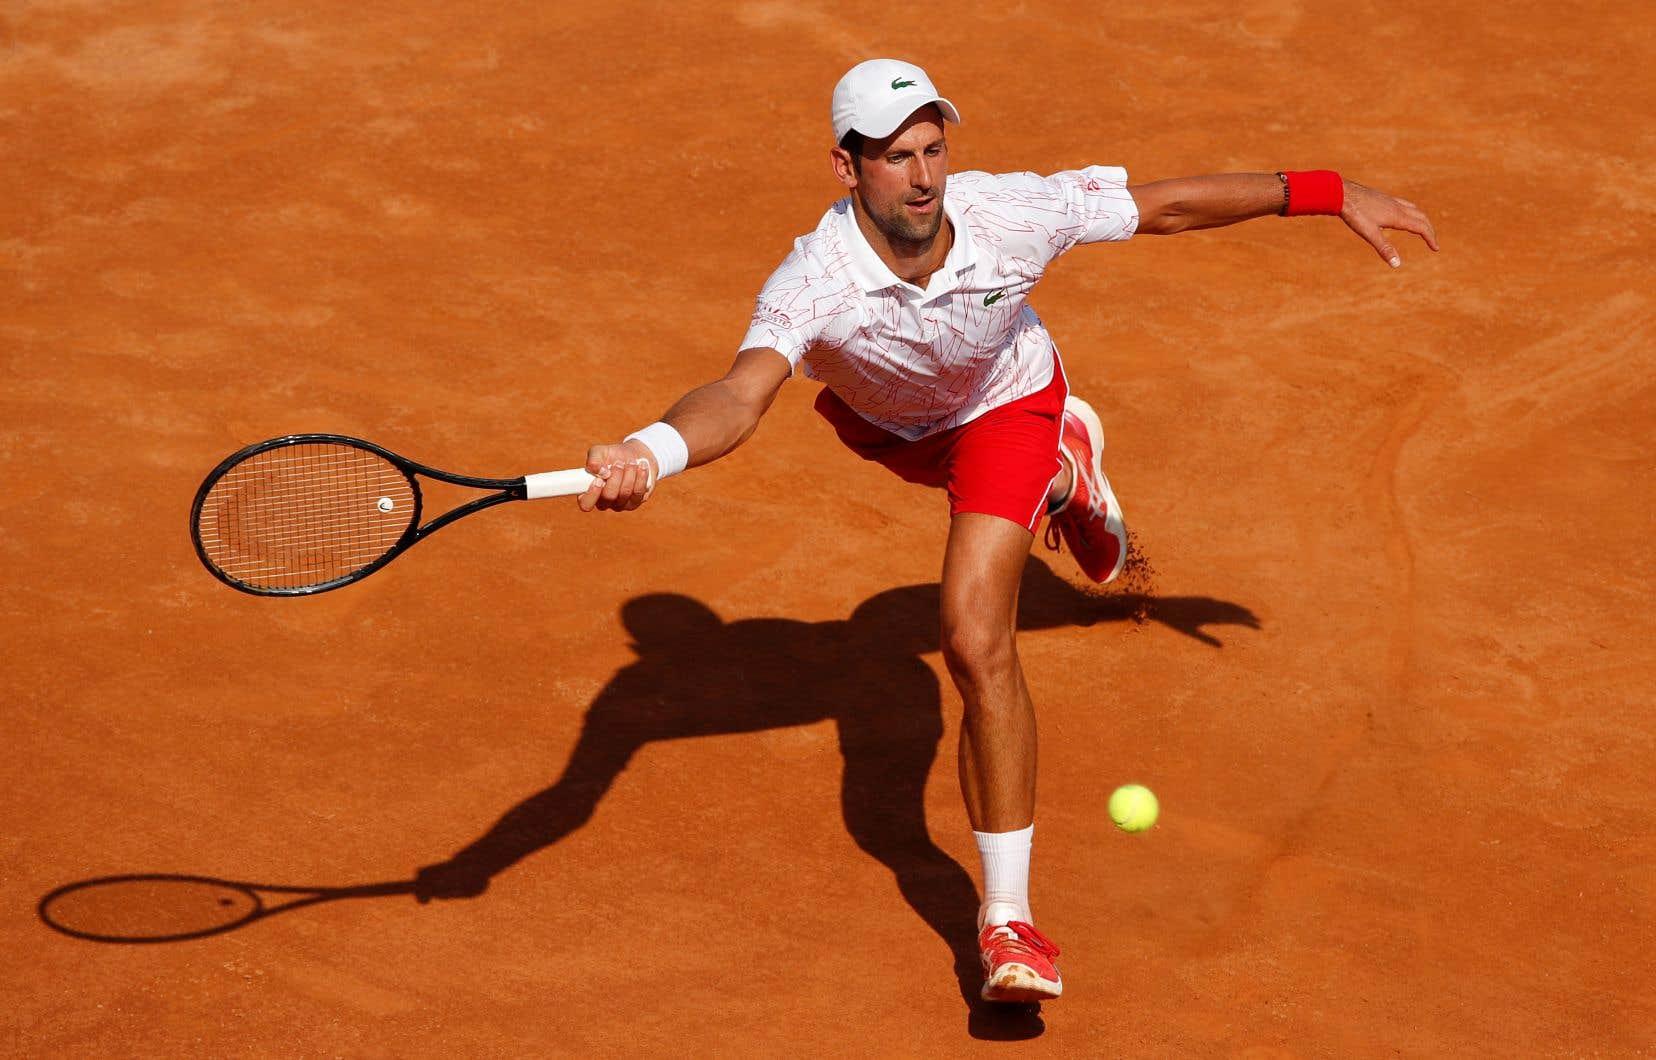 Novak Djokovic, qui occupe le sommet du classement mondial, a été plutôt courtois avec l'arbitre au cours de sa victoire de 6-3, 6-2 aux dépens de Salvatore Caruso au deuxième tour du Masters de Rome.